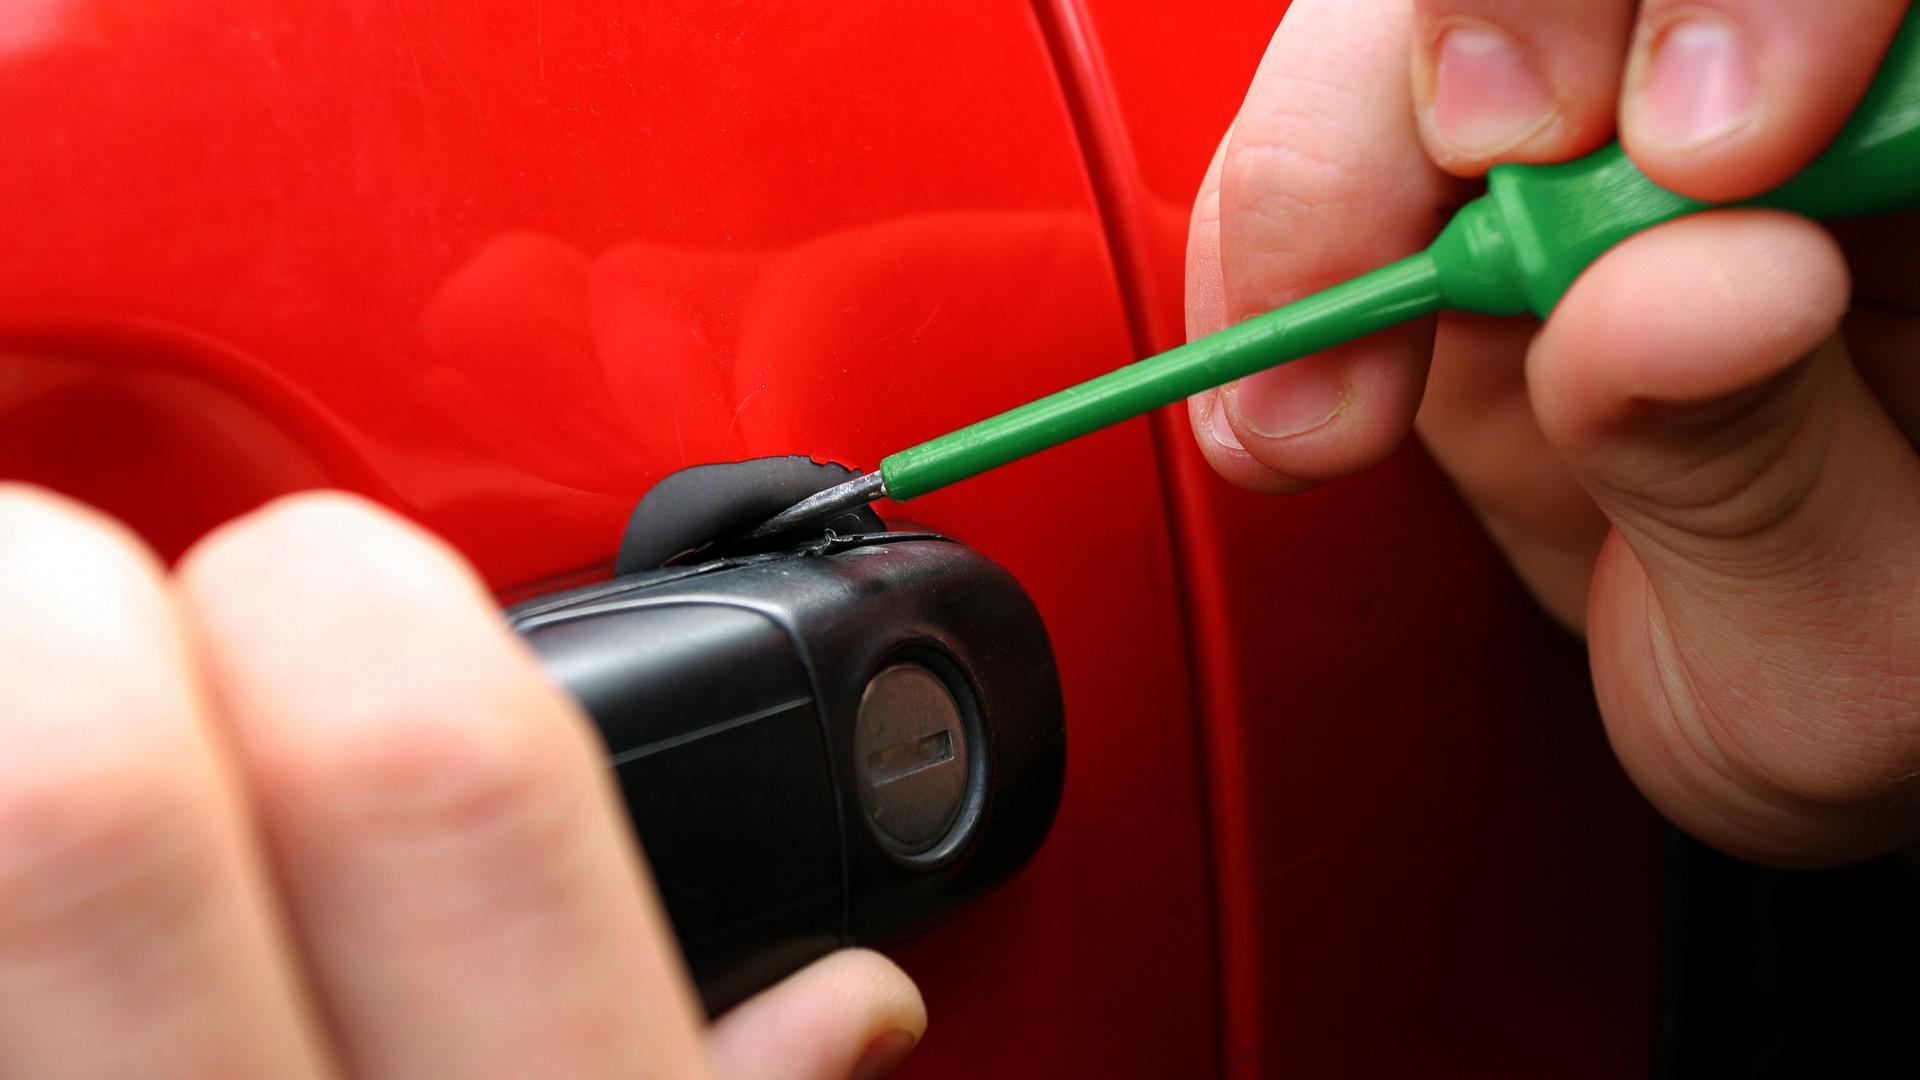 ARCHIV - ILLUSTRATION - Eine Autotür wird mit Hilfe eines Schraubenziehers am 26.08.2005 in Frankfurt am Main geöffnet. Brandenburger können künftig helfen, Autodieben das kriminelle Treiben zu erschweren. Möglich macht es eine «künstliche DNA». Foto: Heiko Wolfraum dpa/lbn (zu lbn 0955 vom 13.04.2011)  +++(c) dpa - Bildfunk+++ de